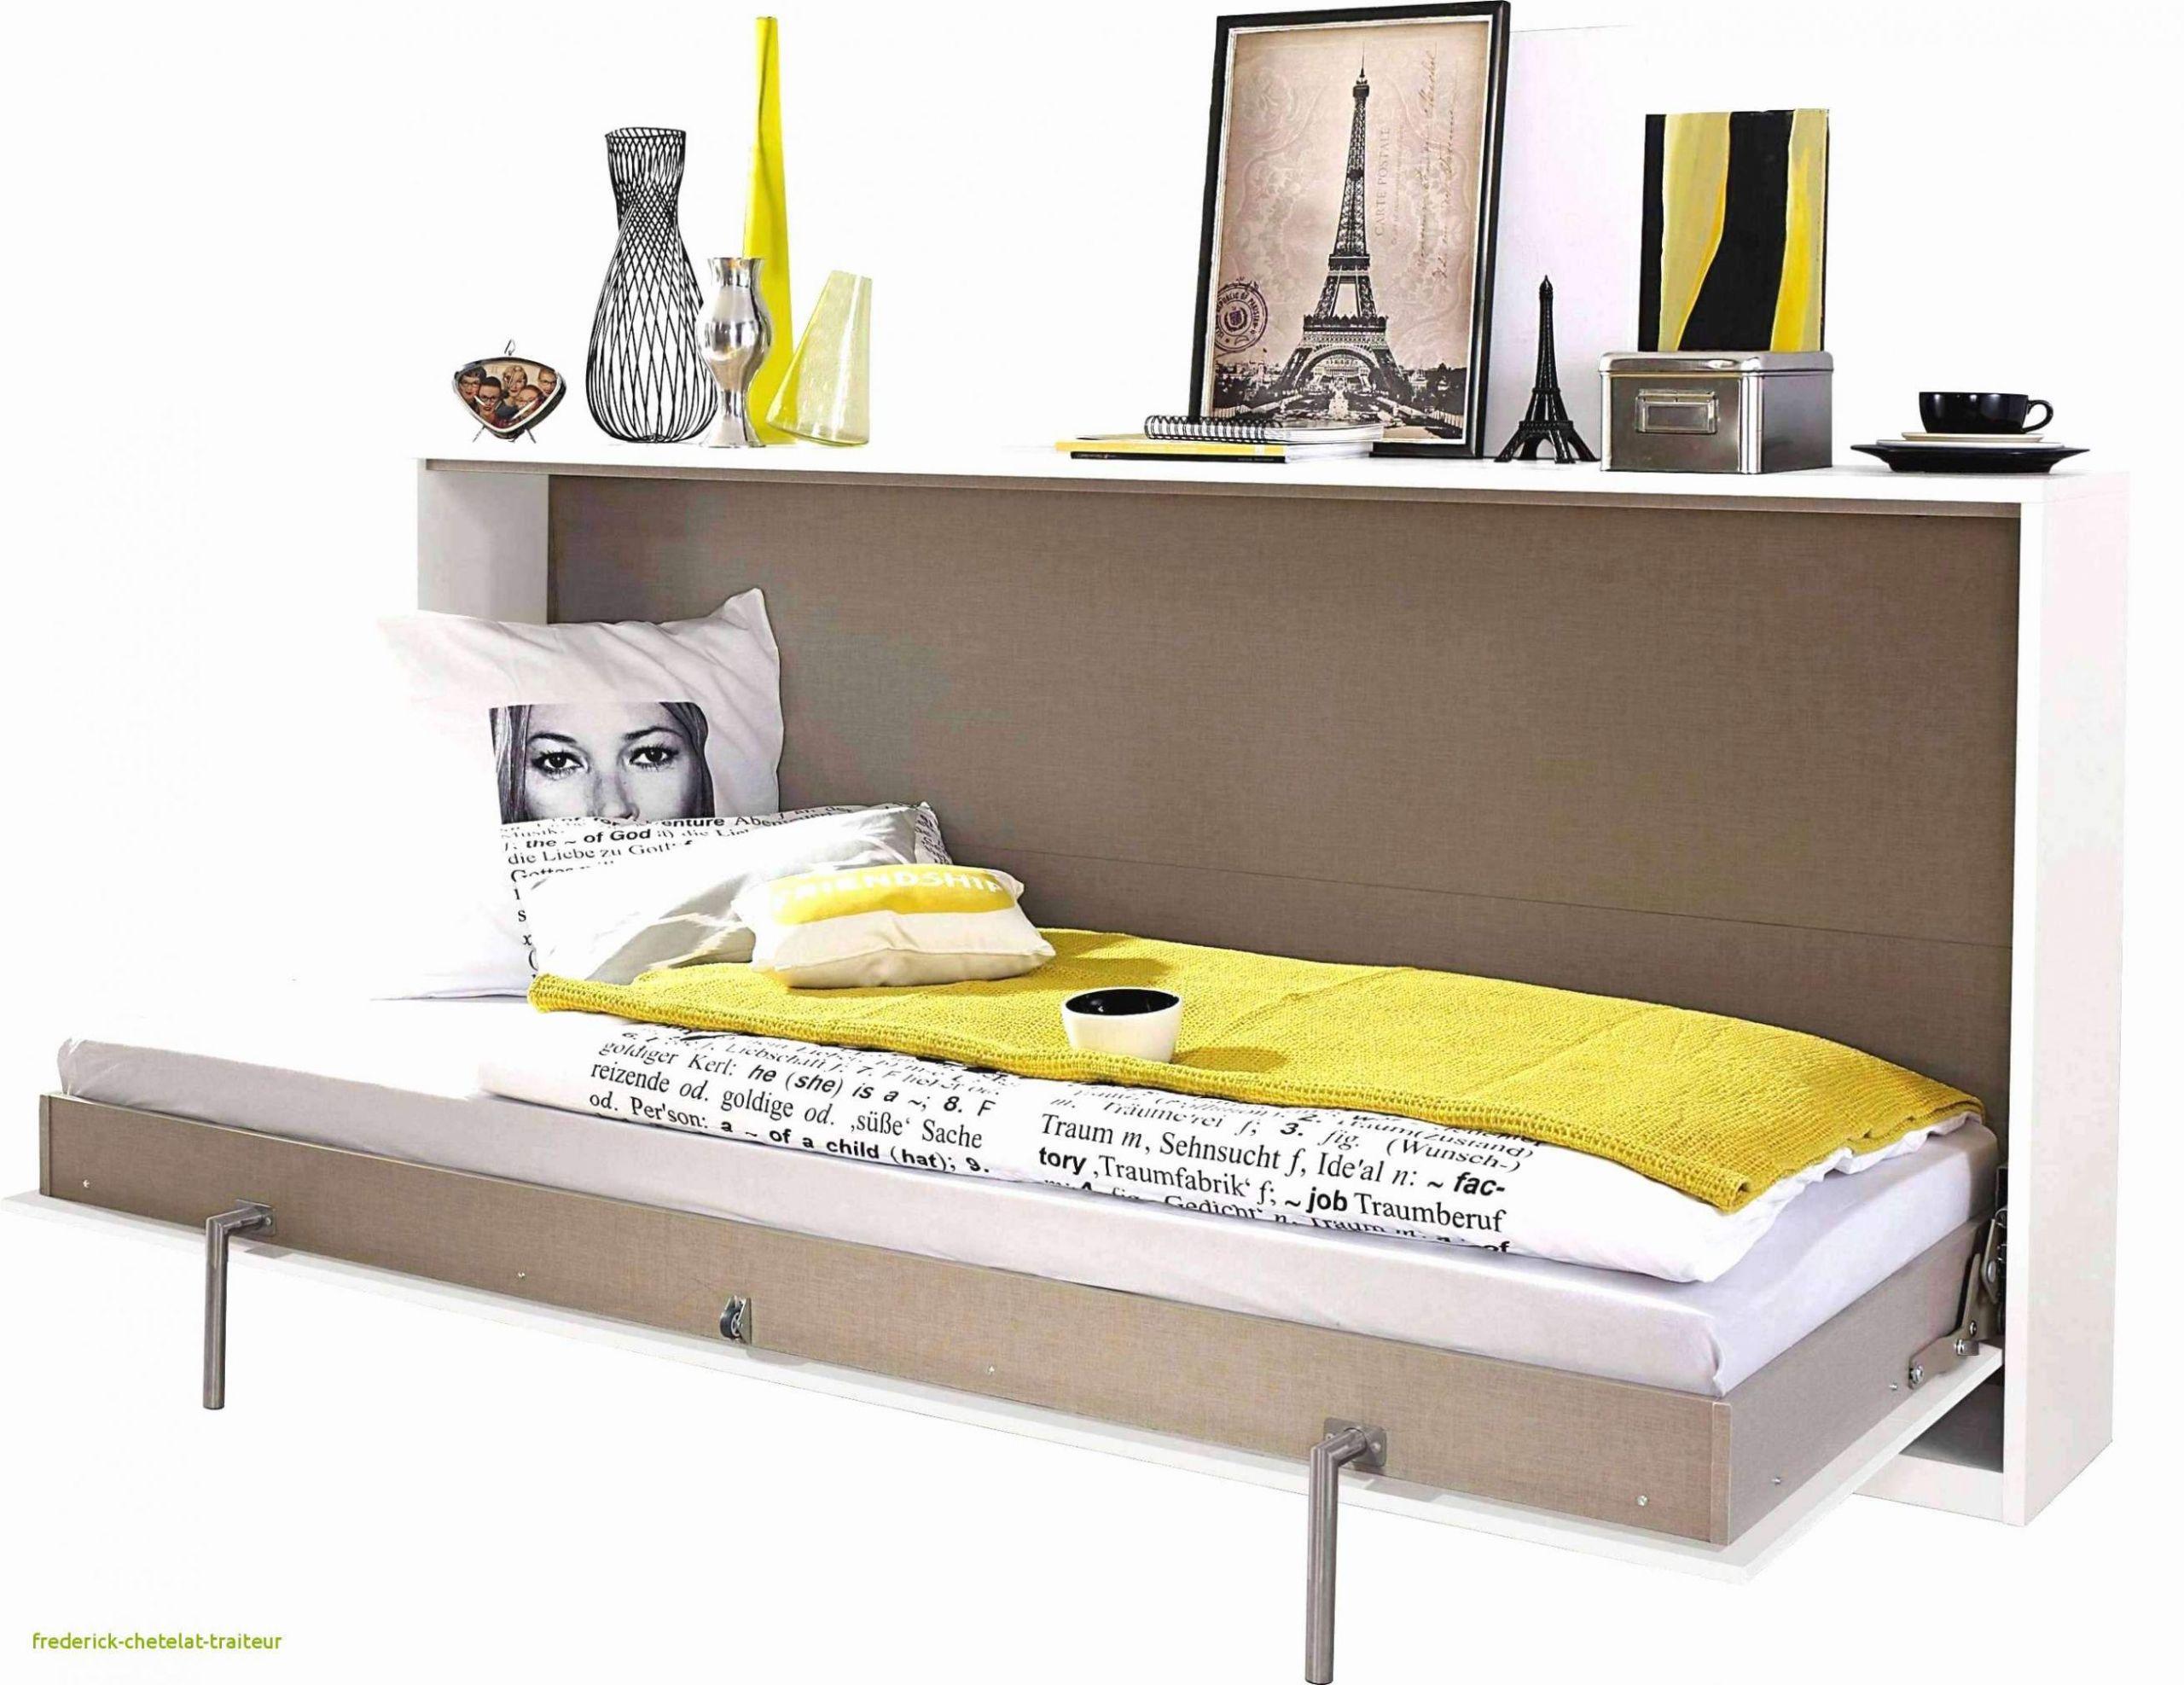 40 luxus alles fur garten losungen fur kleine schlafzimmer losungen fur kleine schlafzimmer